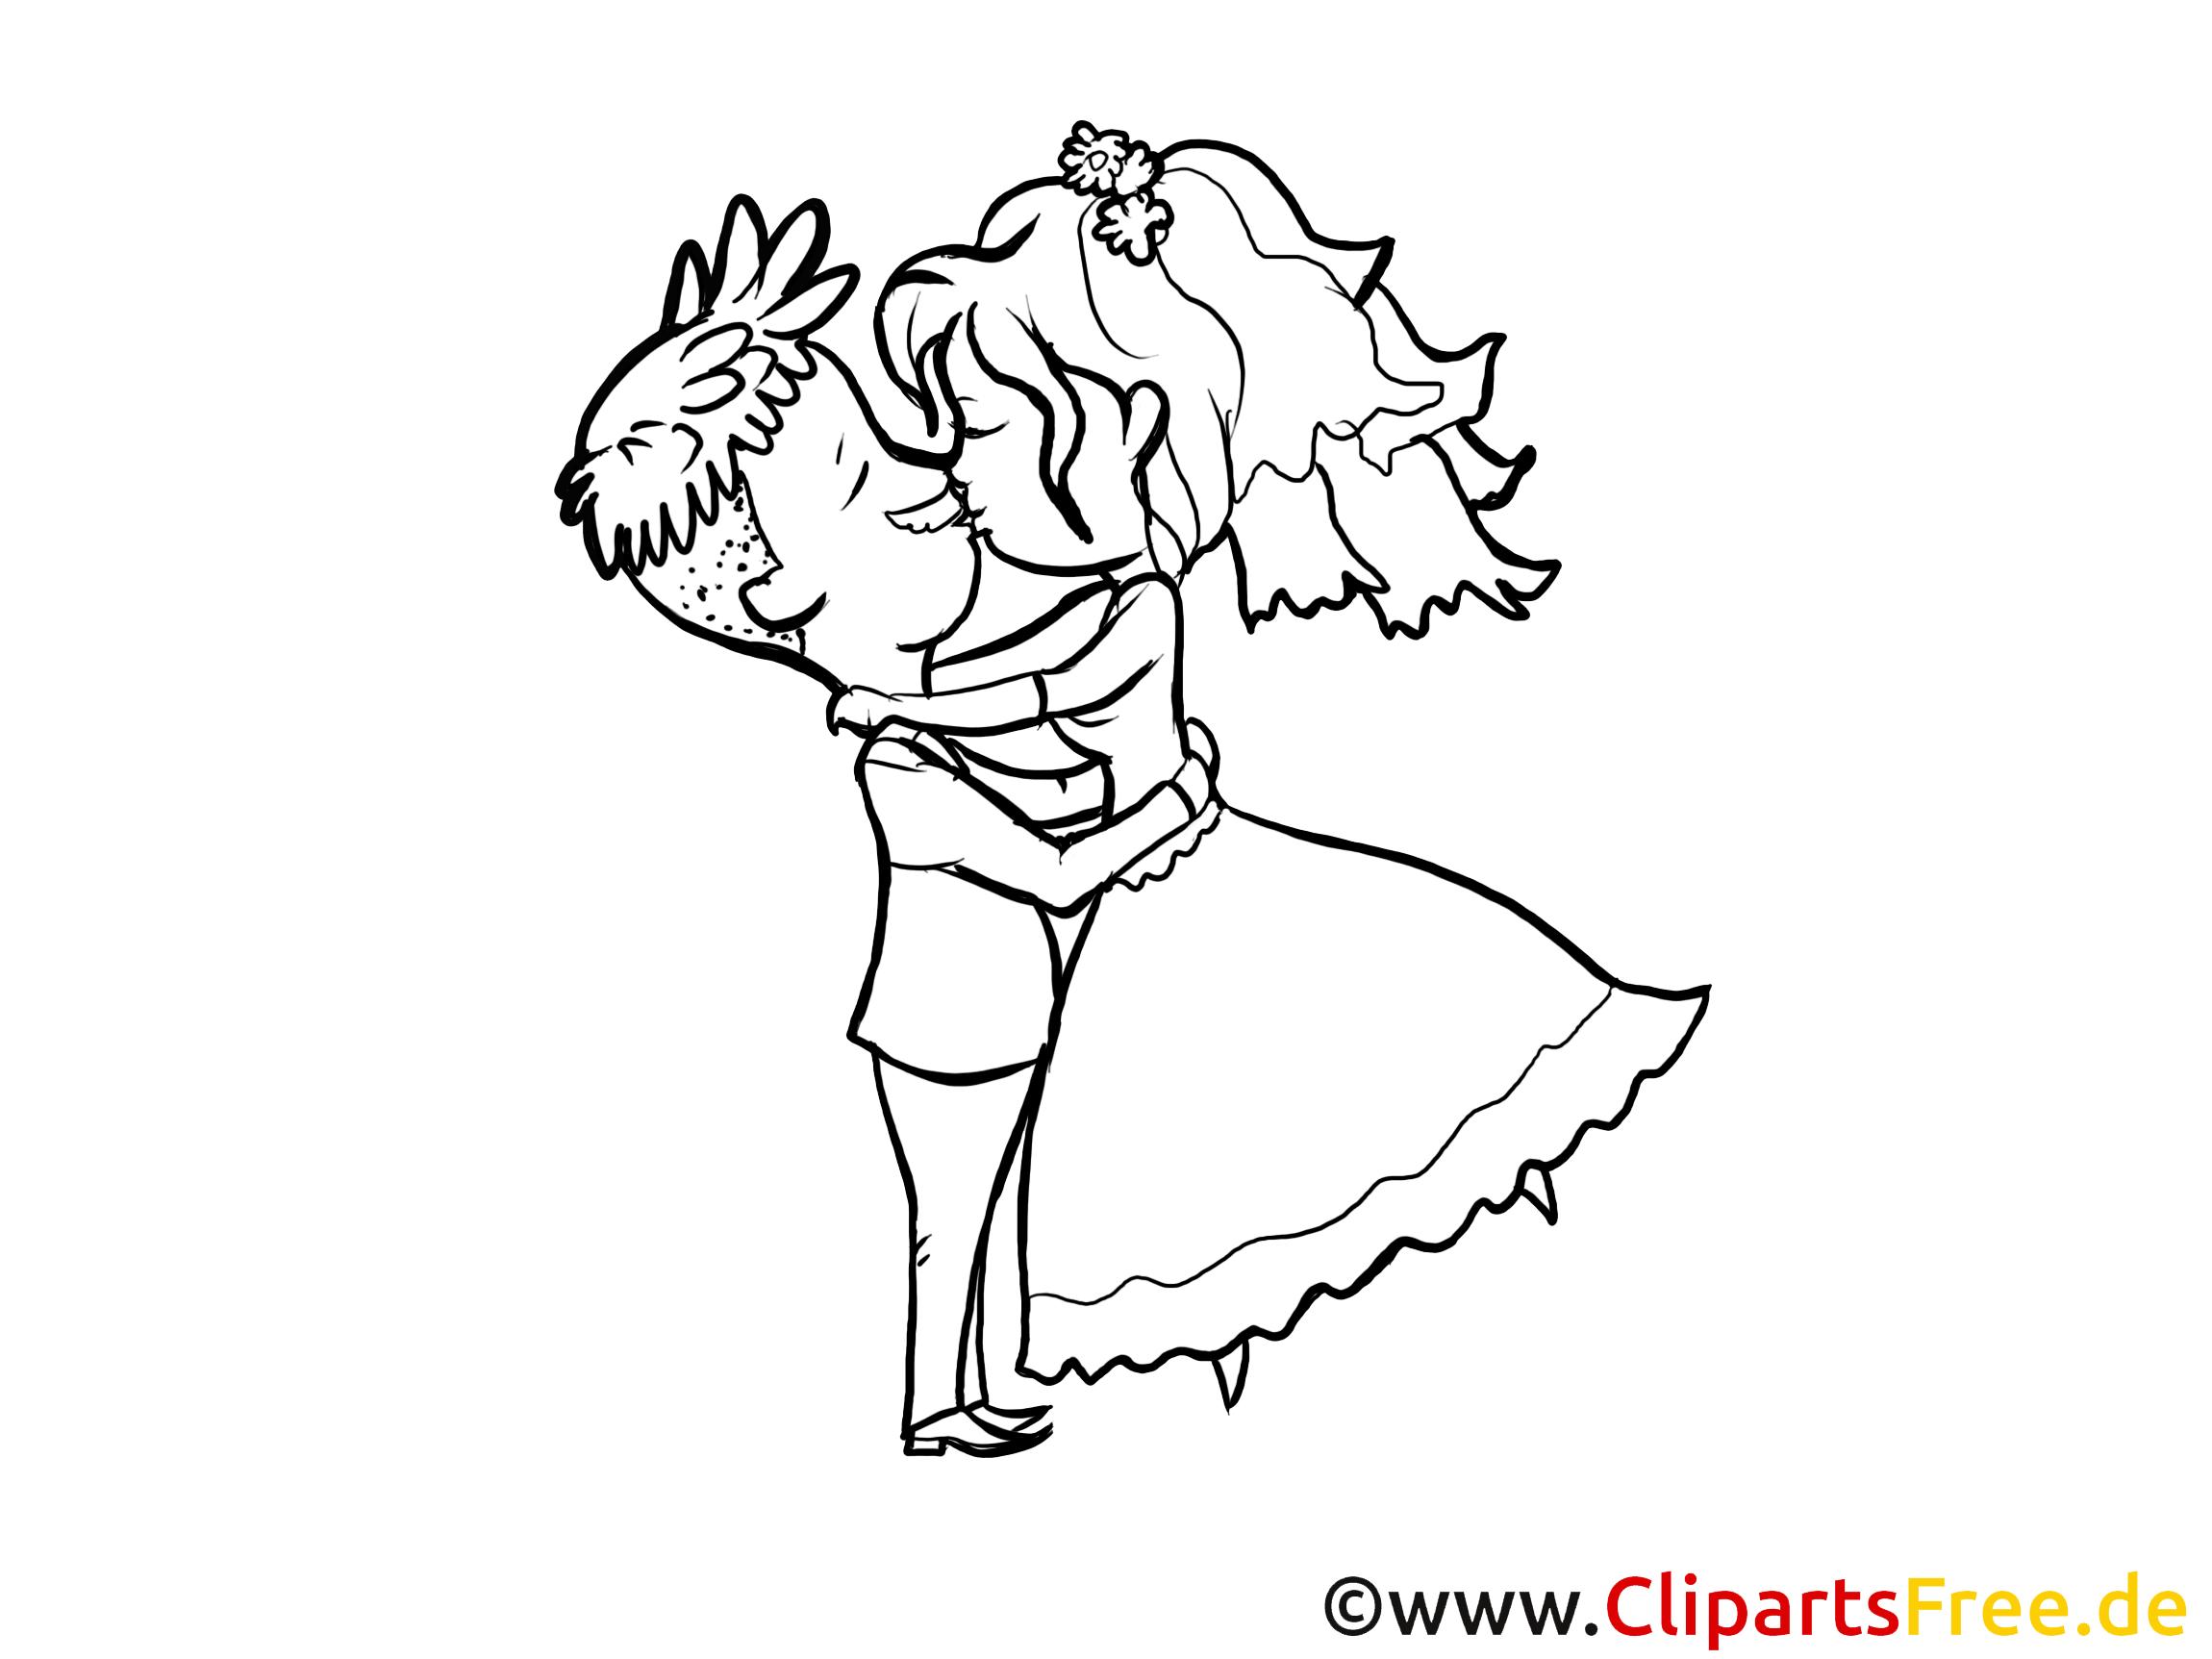 Bildtitel: Brautpaar küssen Clipart zur Hochzeit